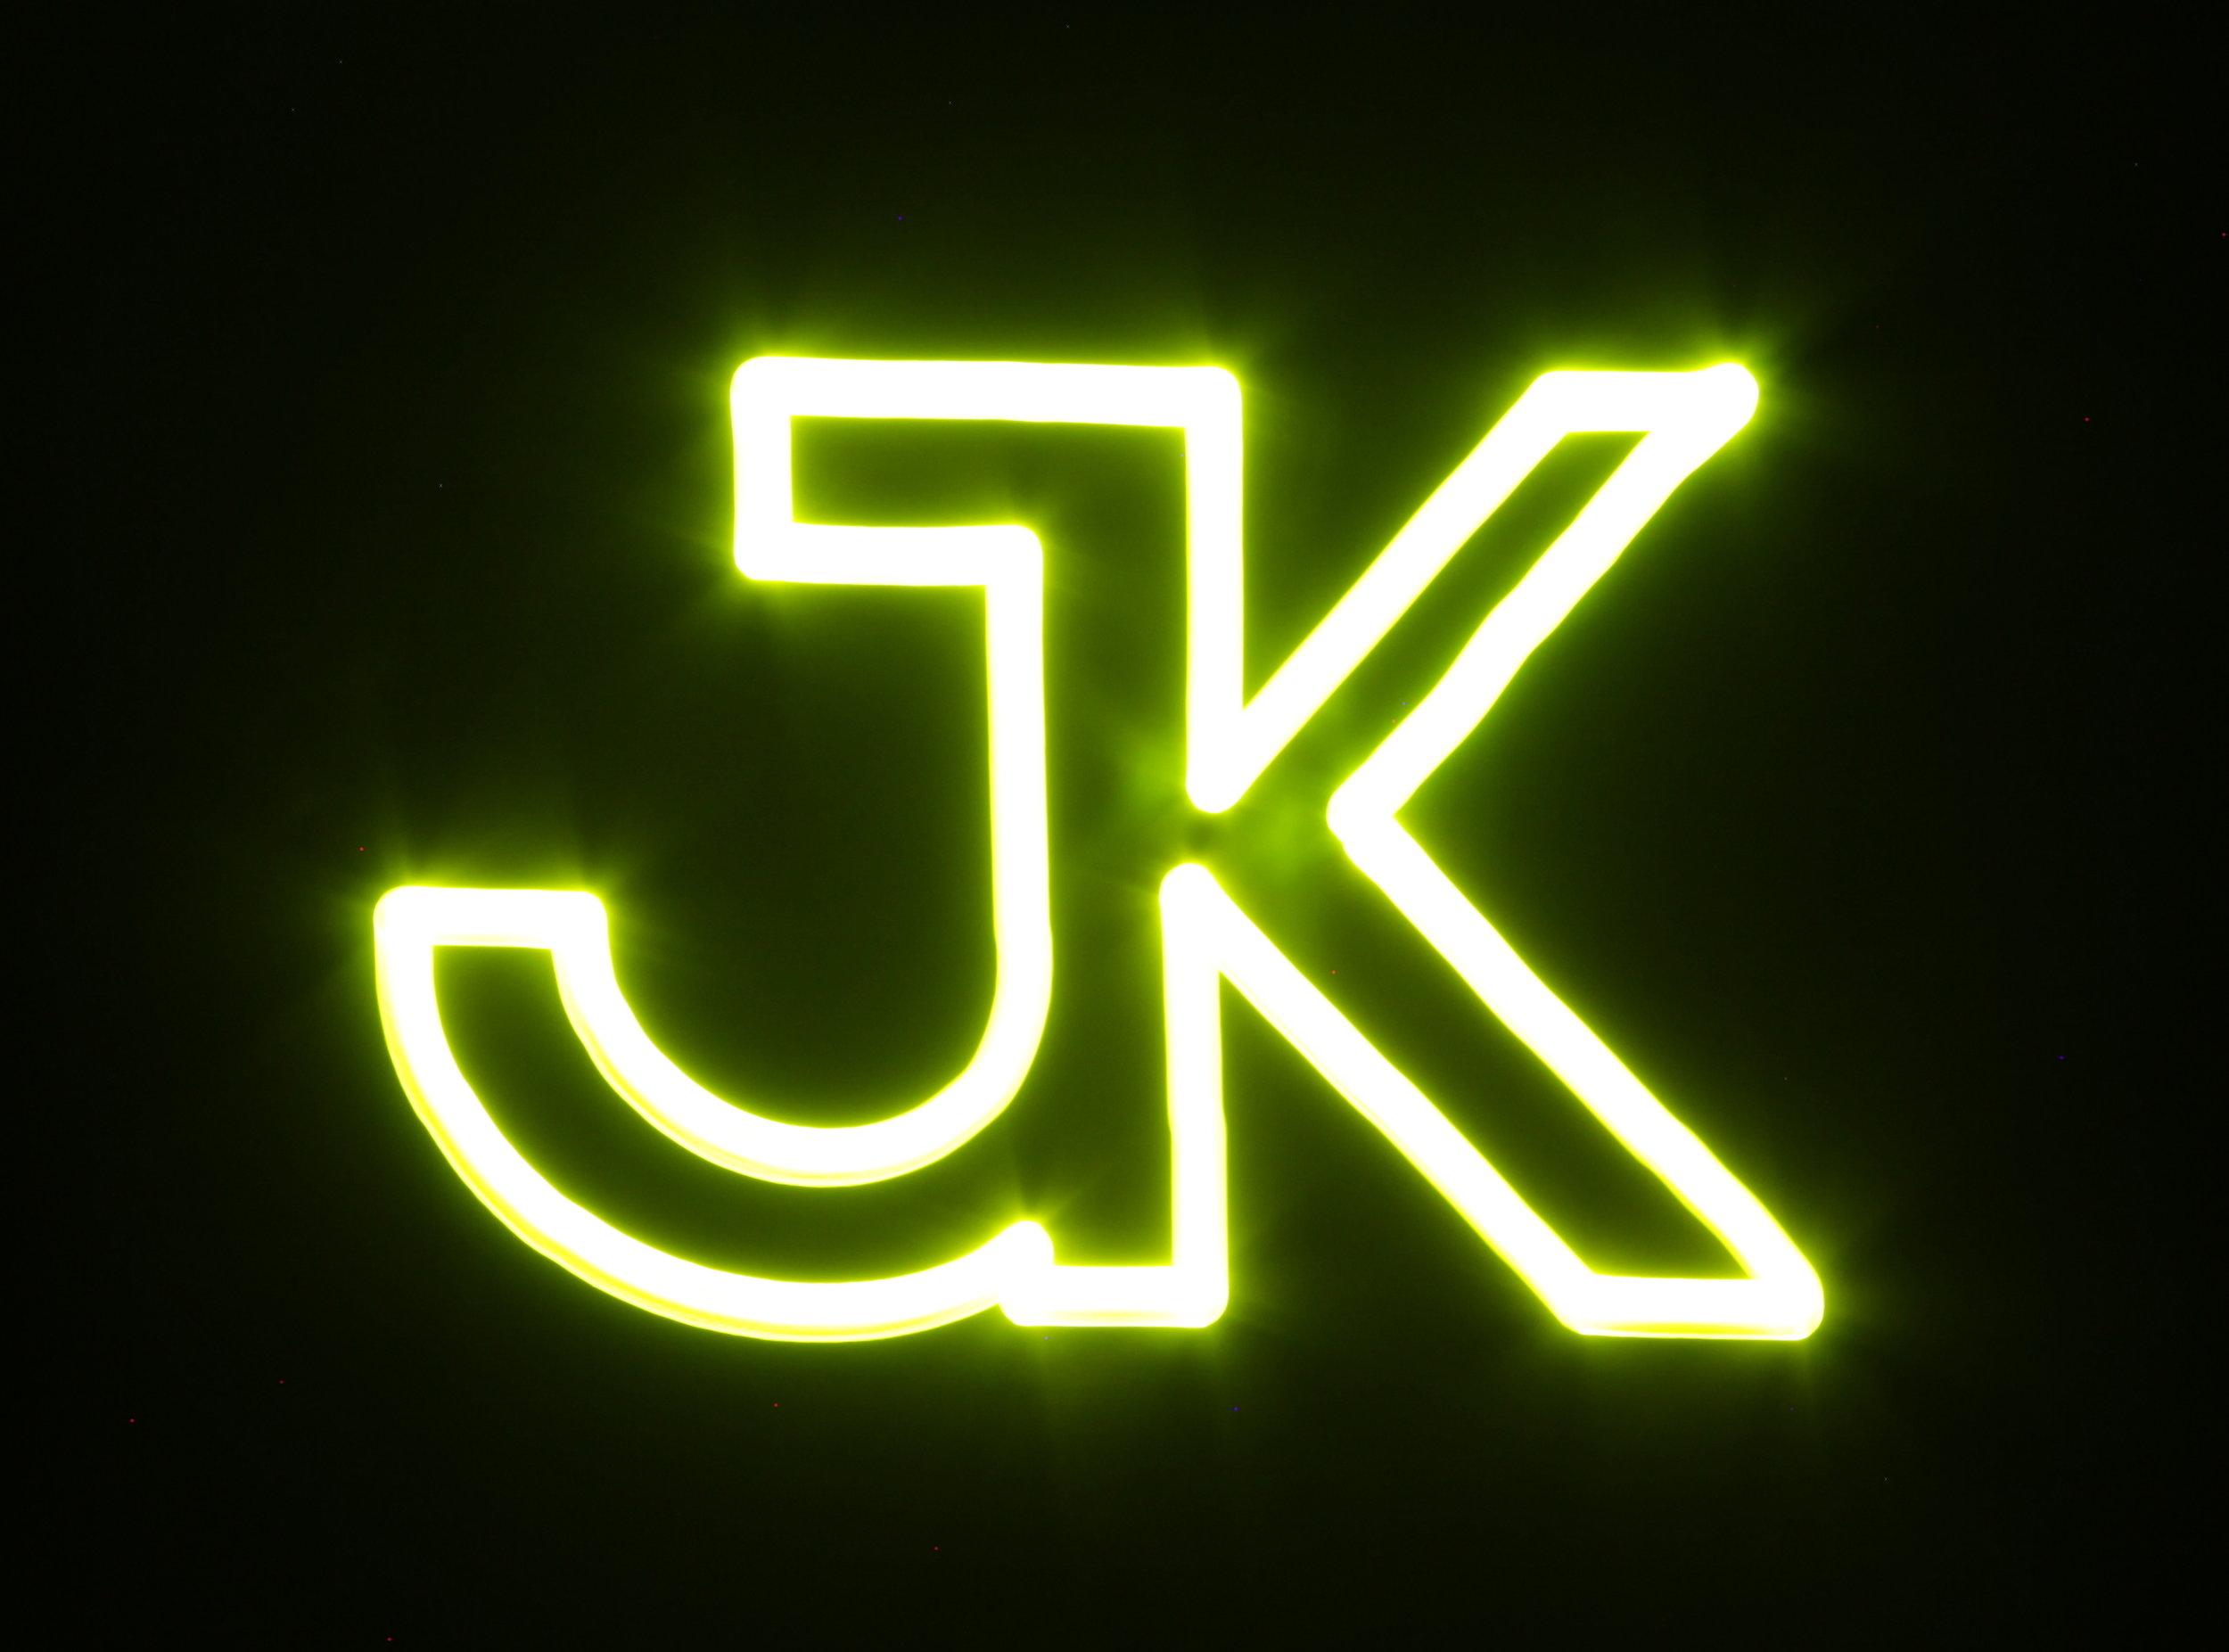 Joe-Kane-Light-Writer-Logo-Industrial-Design-Minnesota.jpg